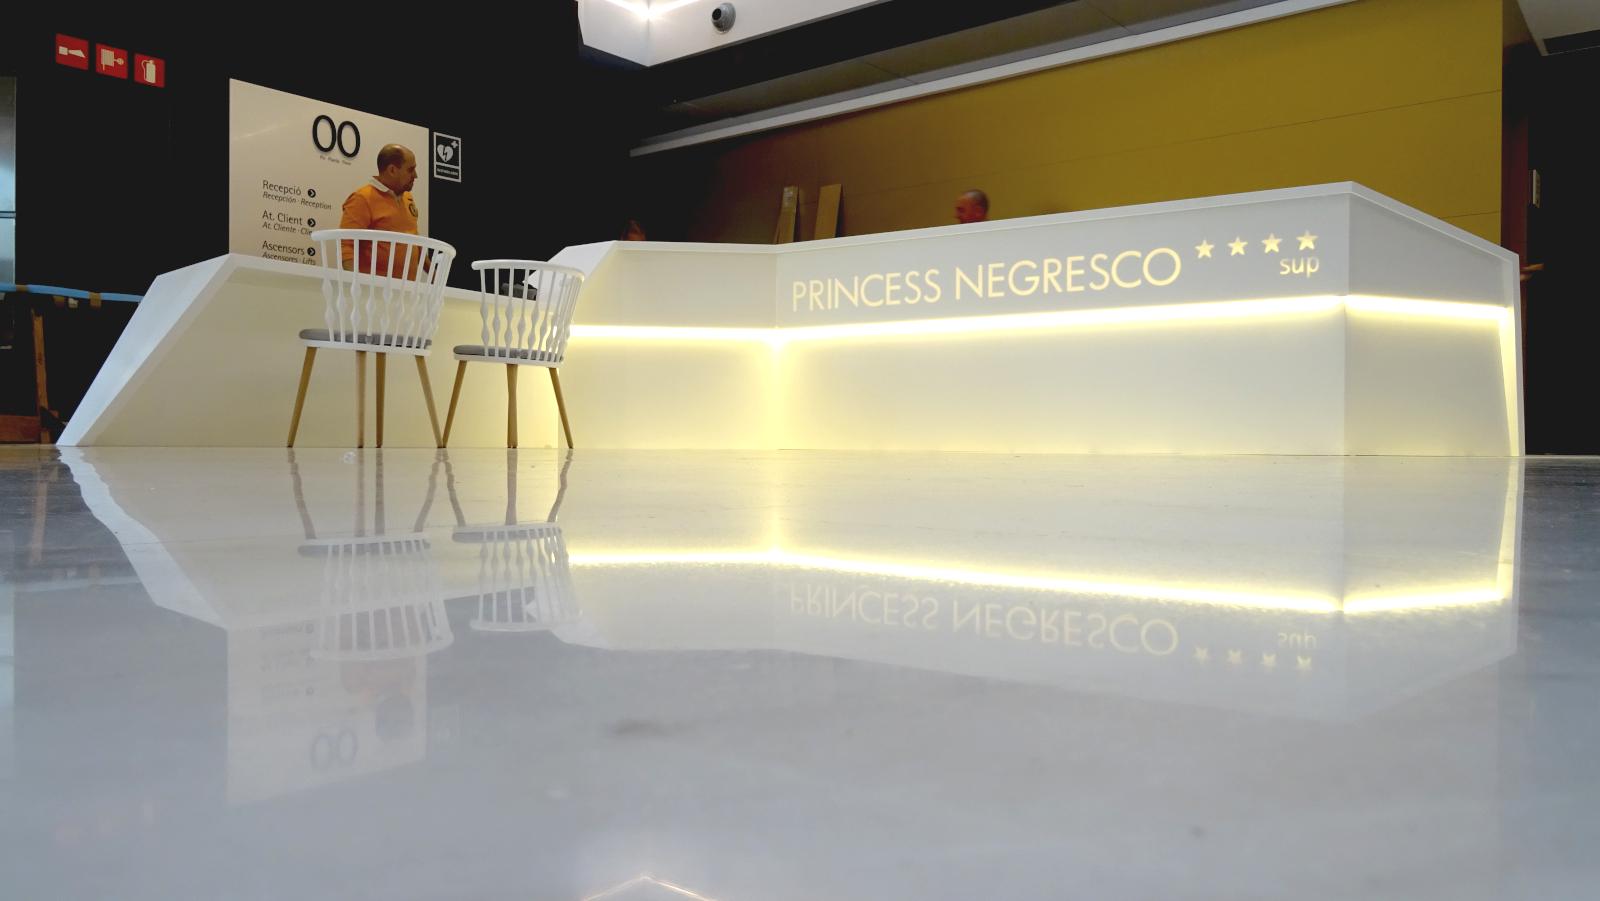 Mostrador- recepció- princess negresco bcn- Betacryl- 3